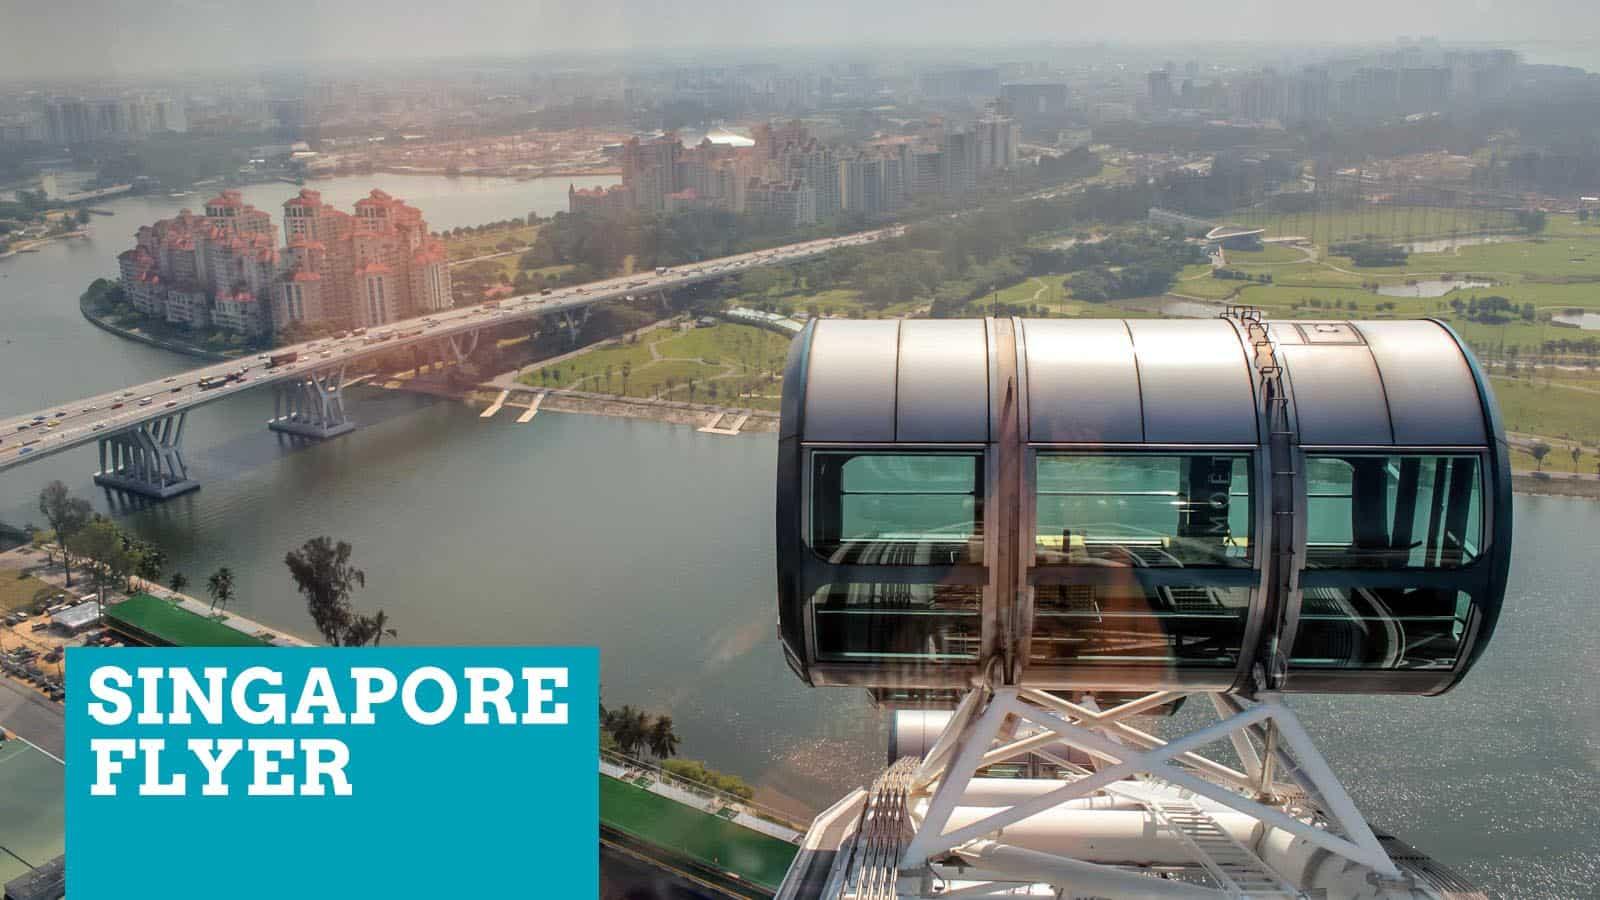 新加坡航班:期待什么 | 穷游者的行程博客